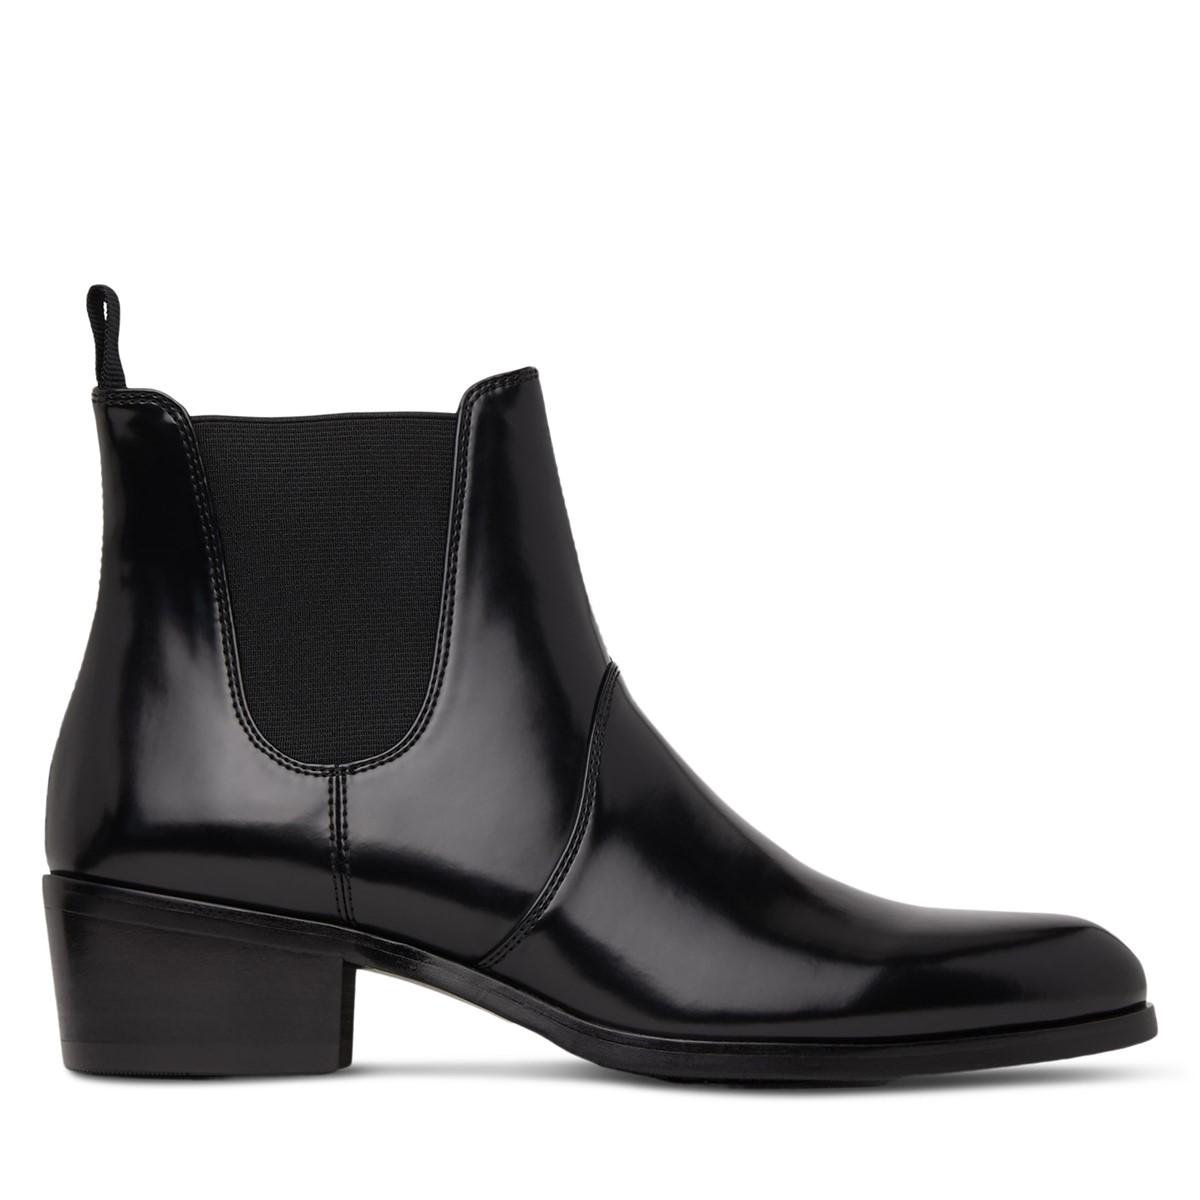 Women's Oslo Heeled Chelsea Boots in Black